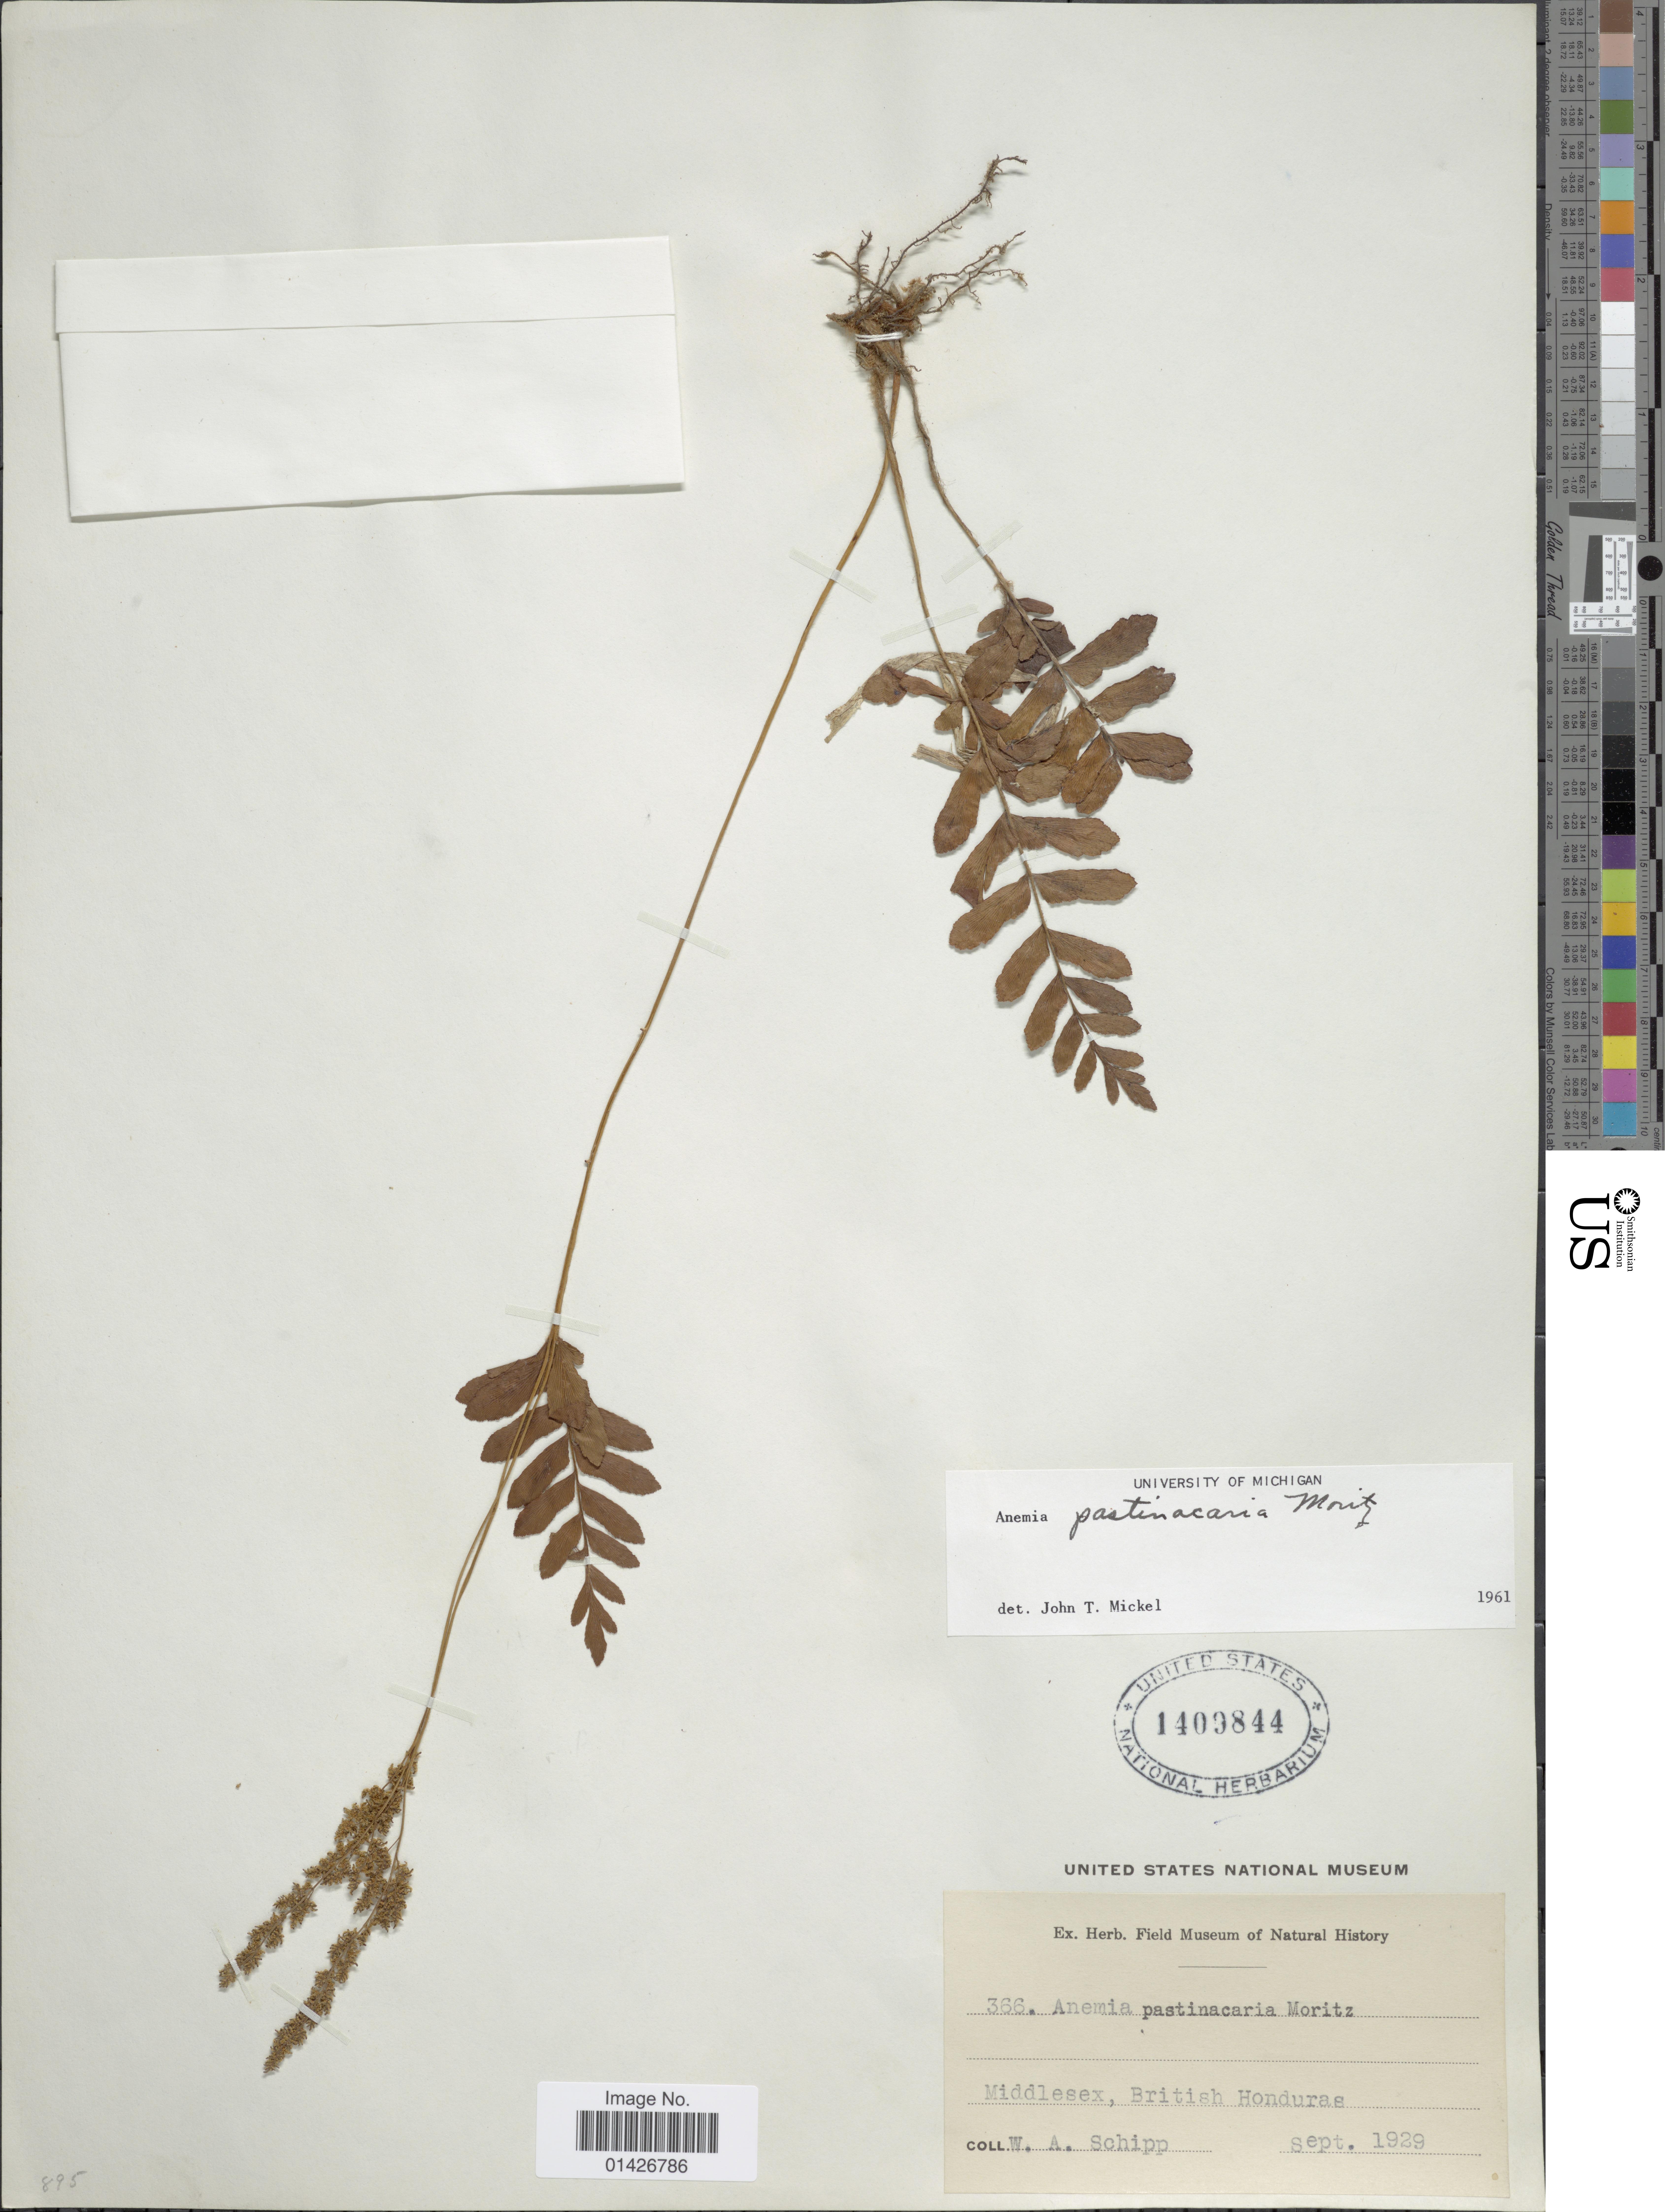 Image of <i>Anemia pastinacaria</i> Moritz ex Prantl